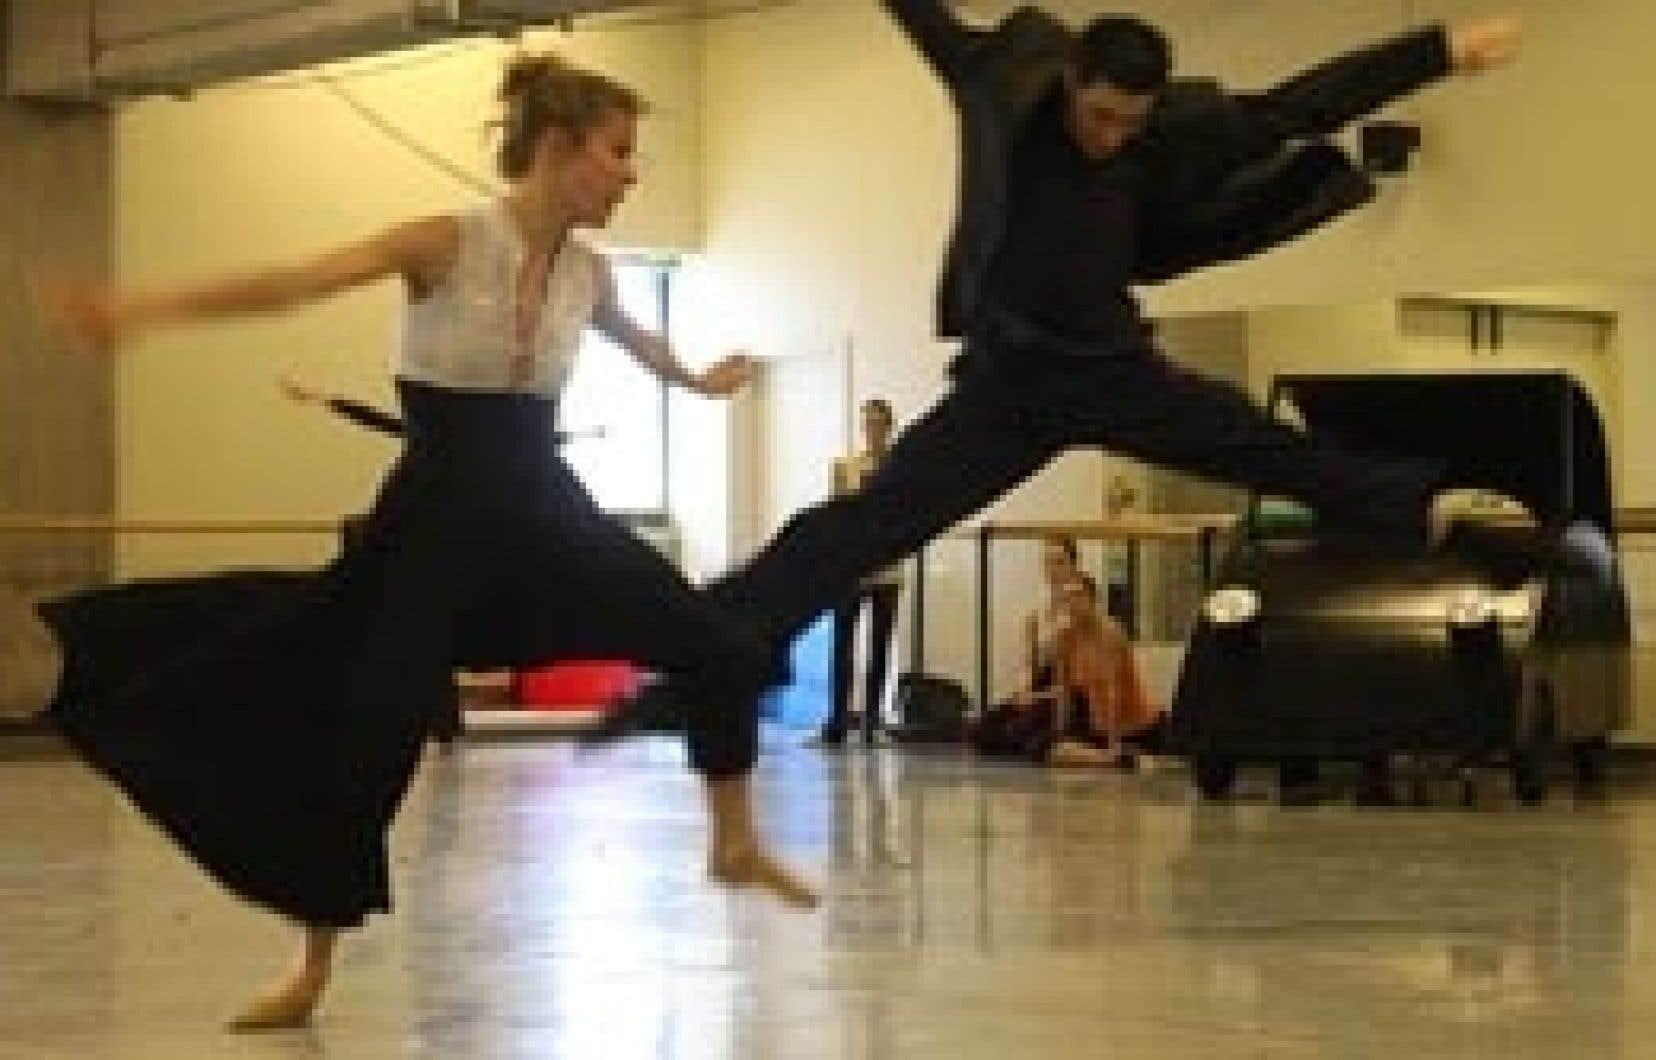 Mats Ek, grand Suédois à la frêle silhouette, était à Montréal cette semaine pour peaufiner La Belle au bois dormant, cette pièce-phare de sa création, que les Grands Ballets canadiens de Montréal viennent d'intégrer à leur répertoire.